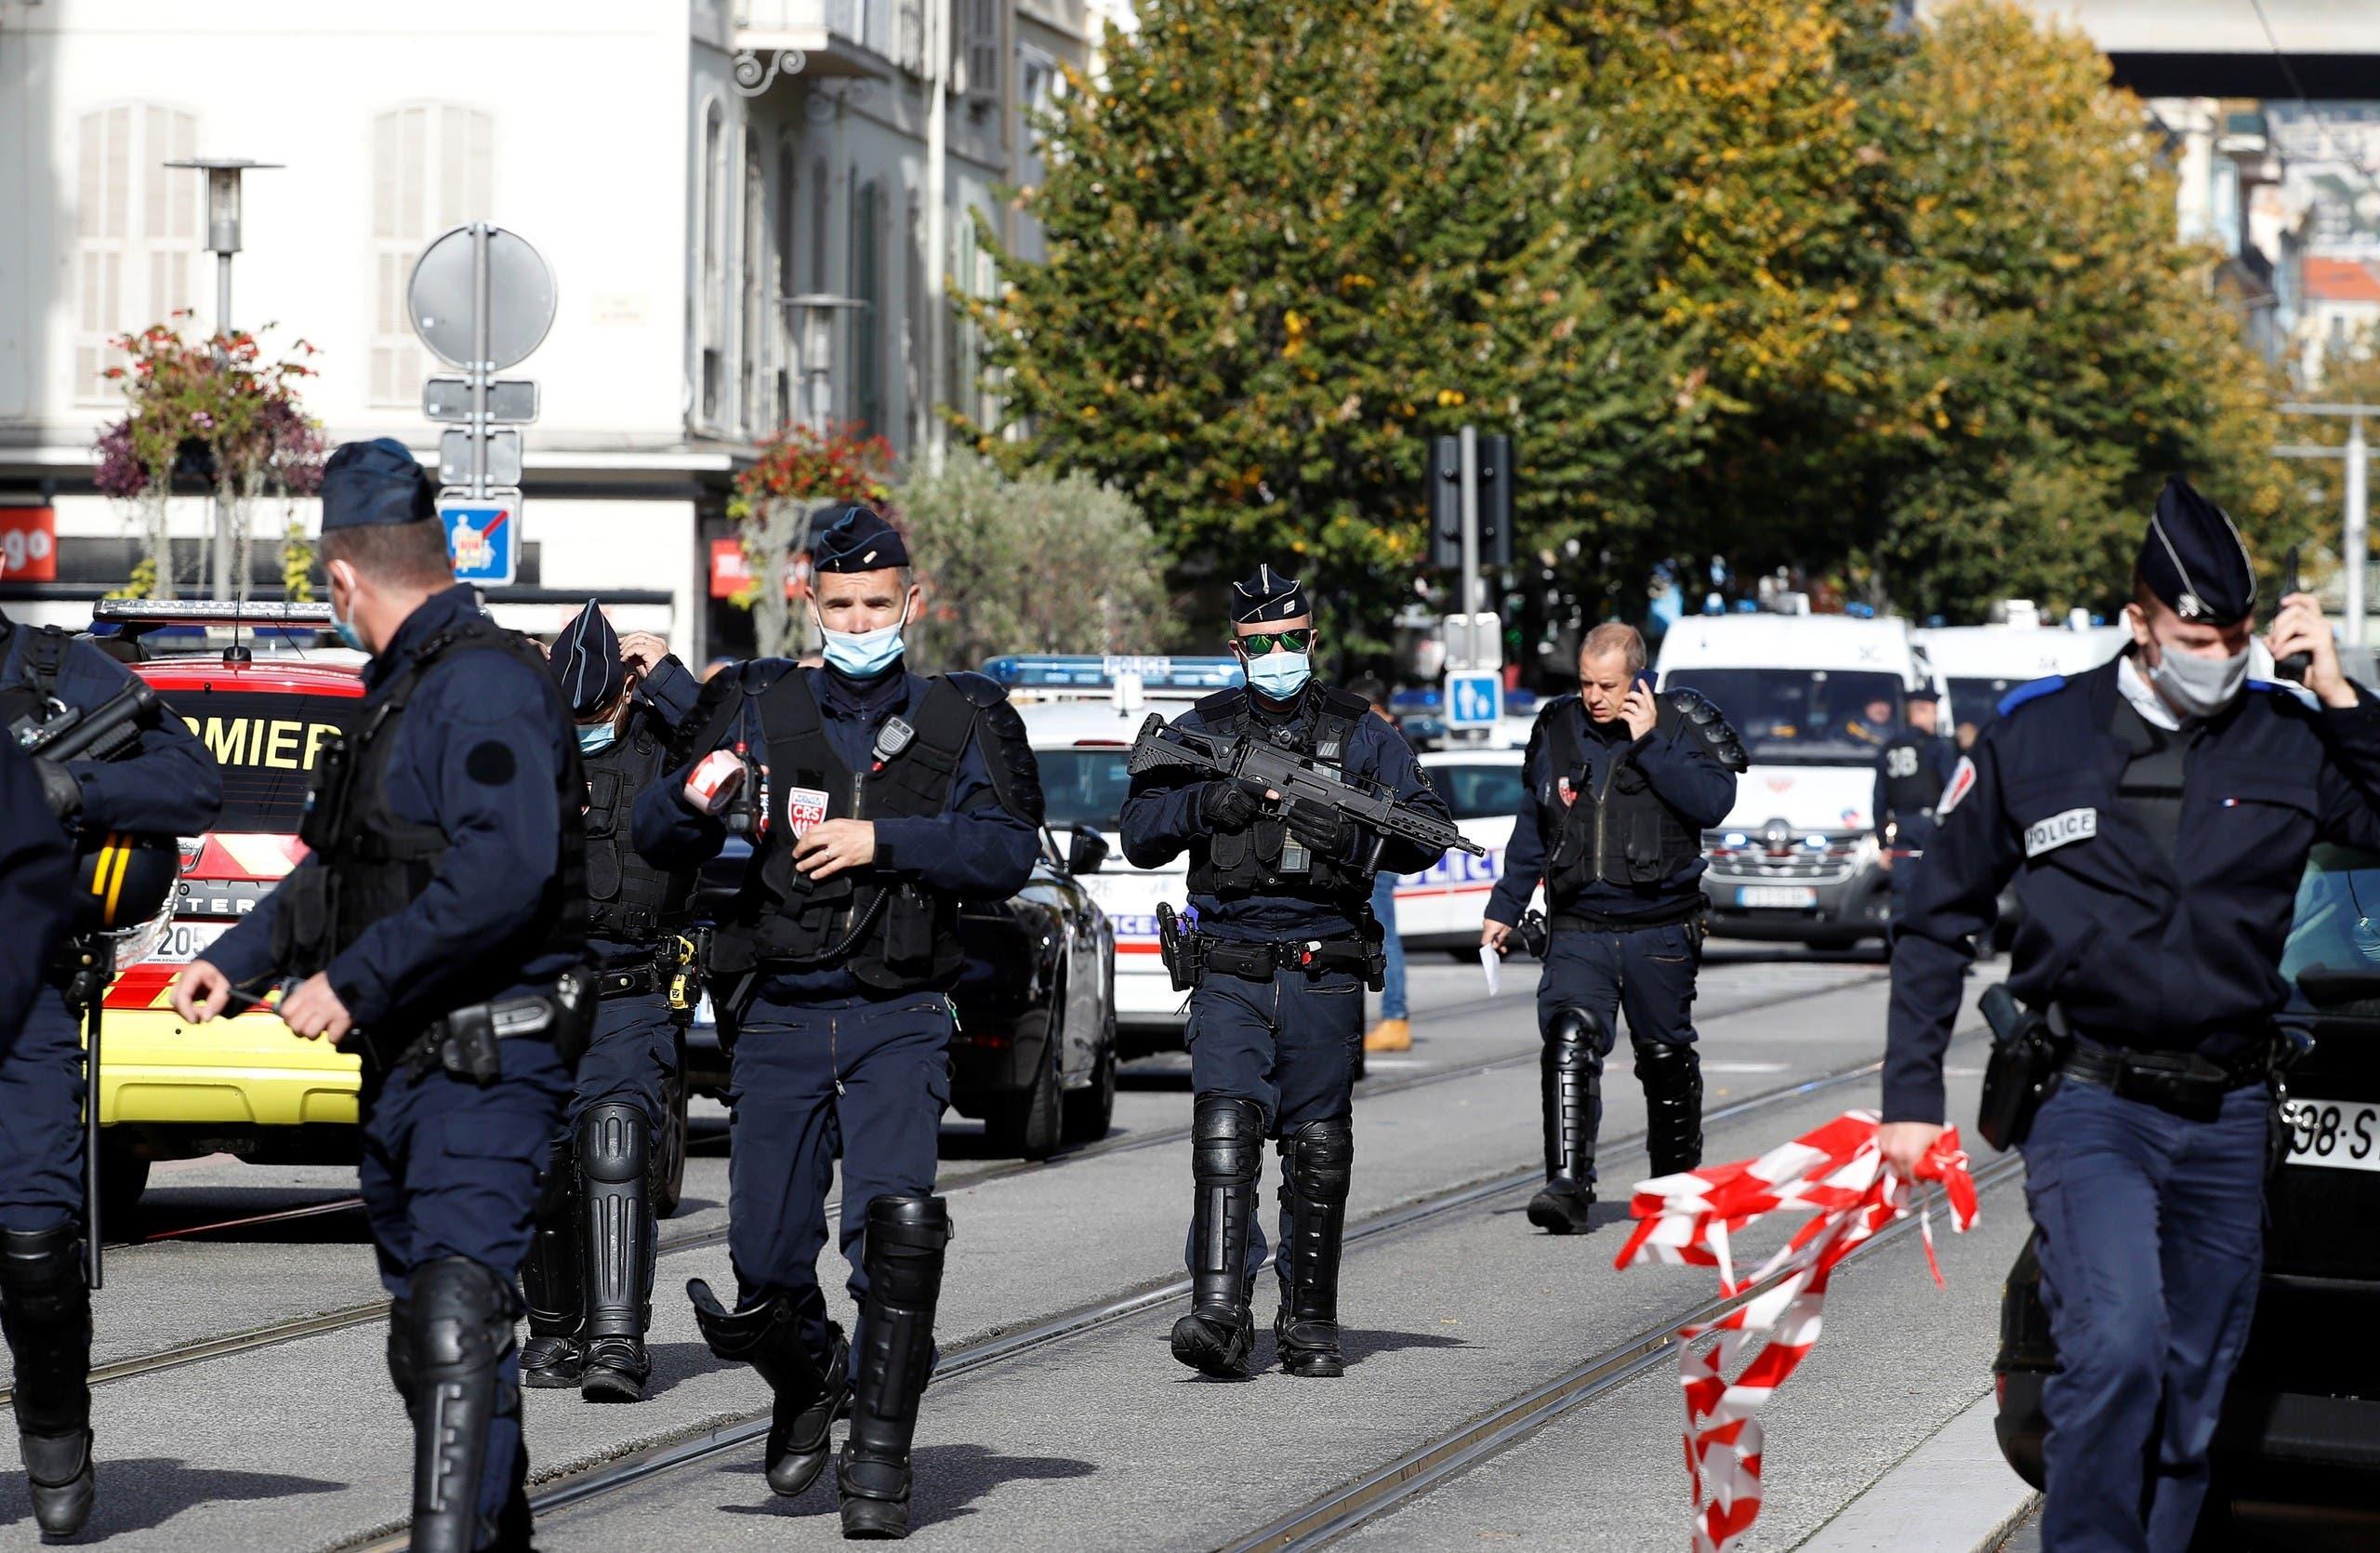 أفراد من قوات الأمن الفرنسية في موقع قرب كنيسة نوتردام